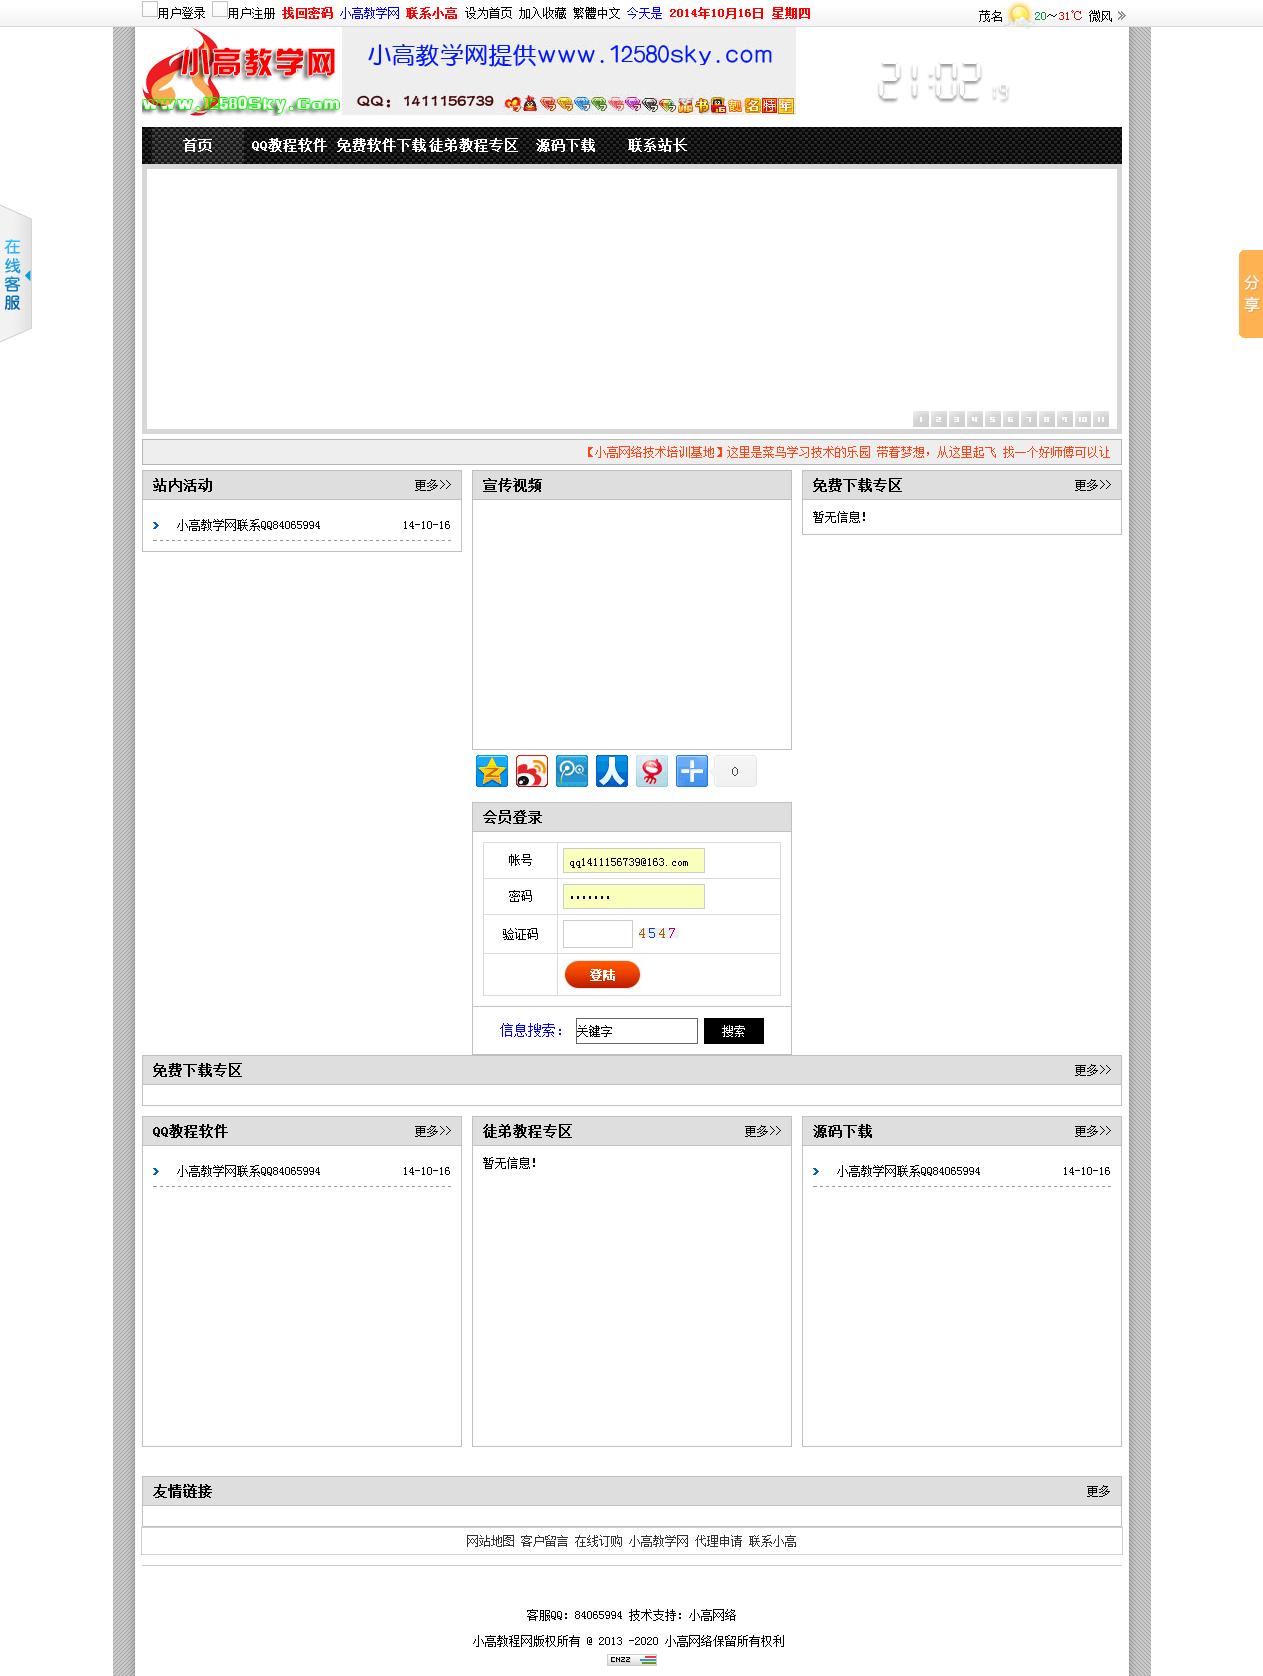 新黑色教程网源码-QQ技术教程网网站源码 【站长聚集地首发】